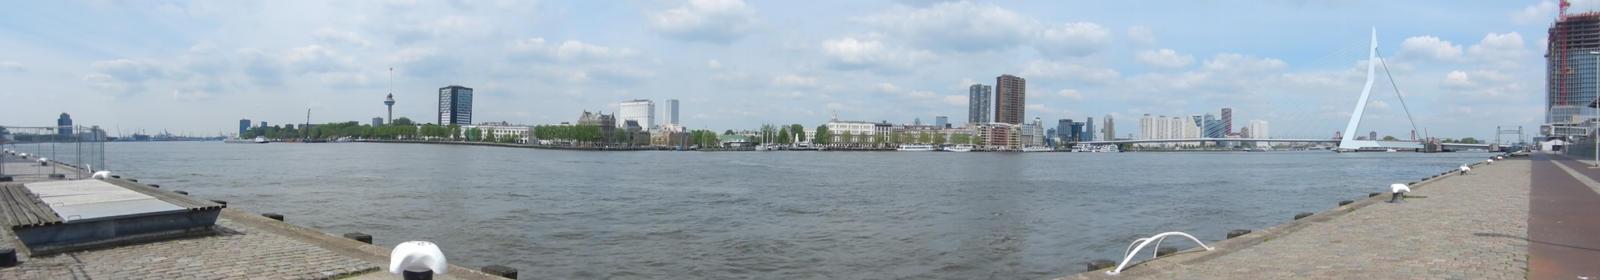 Rotterdam New Meuse by Eszies-Eszie